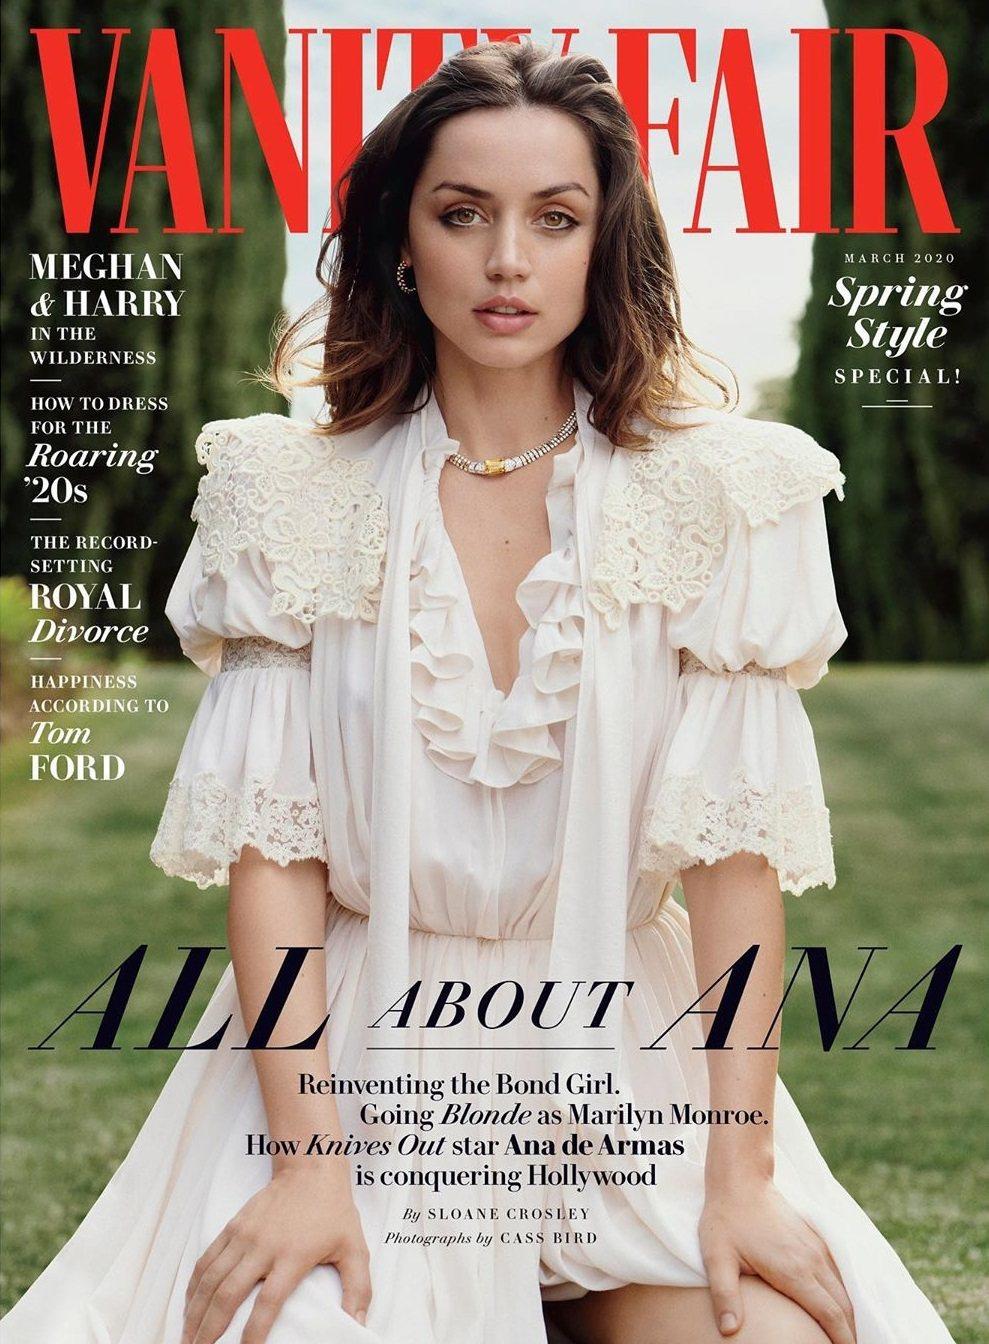 安娜迪阿瑪斯在好萊塢正走紅,登上時尚雜誌封面。圖/摘自Vanity Fair